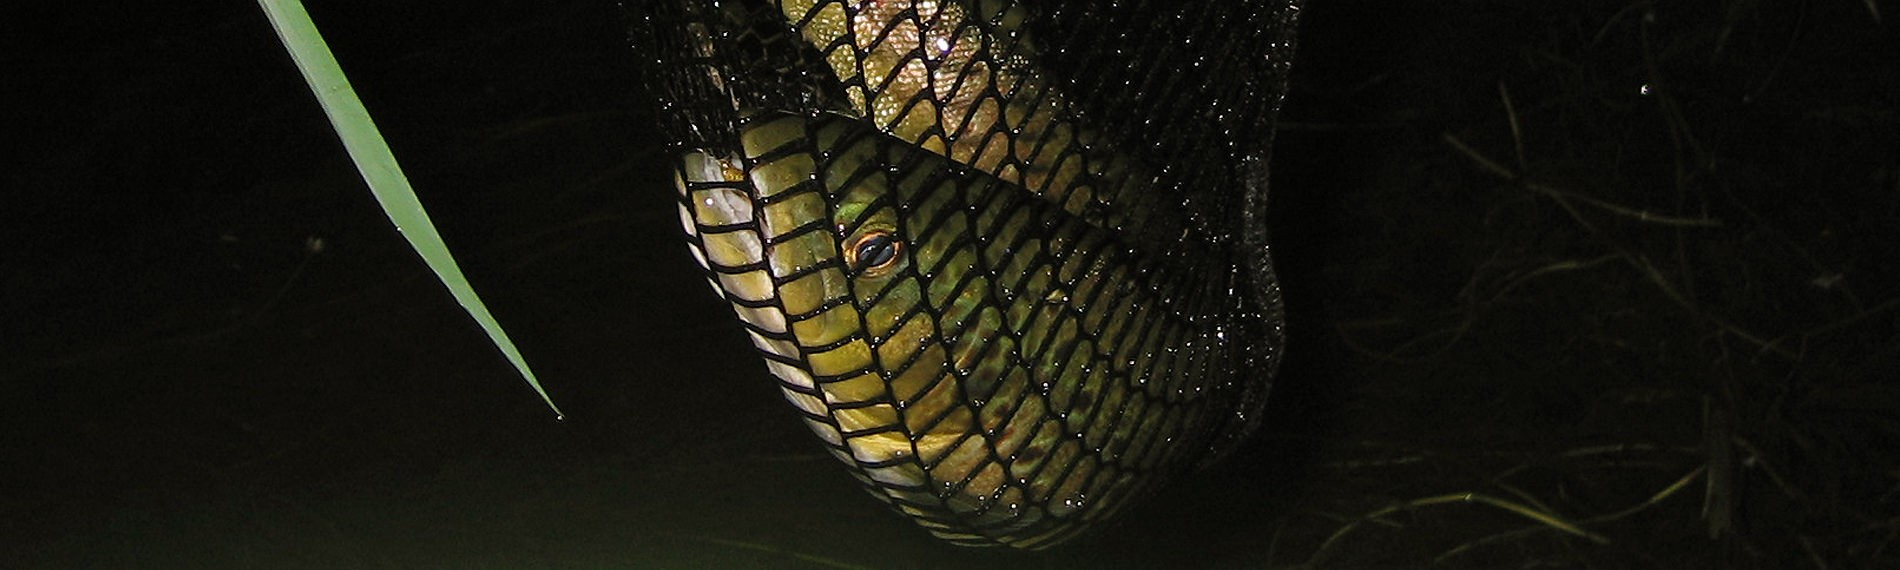 lynebain-fish-gallery3_mini